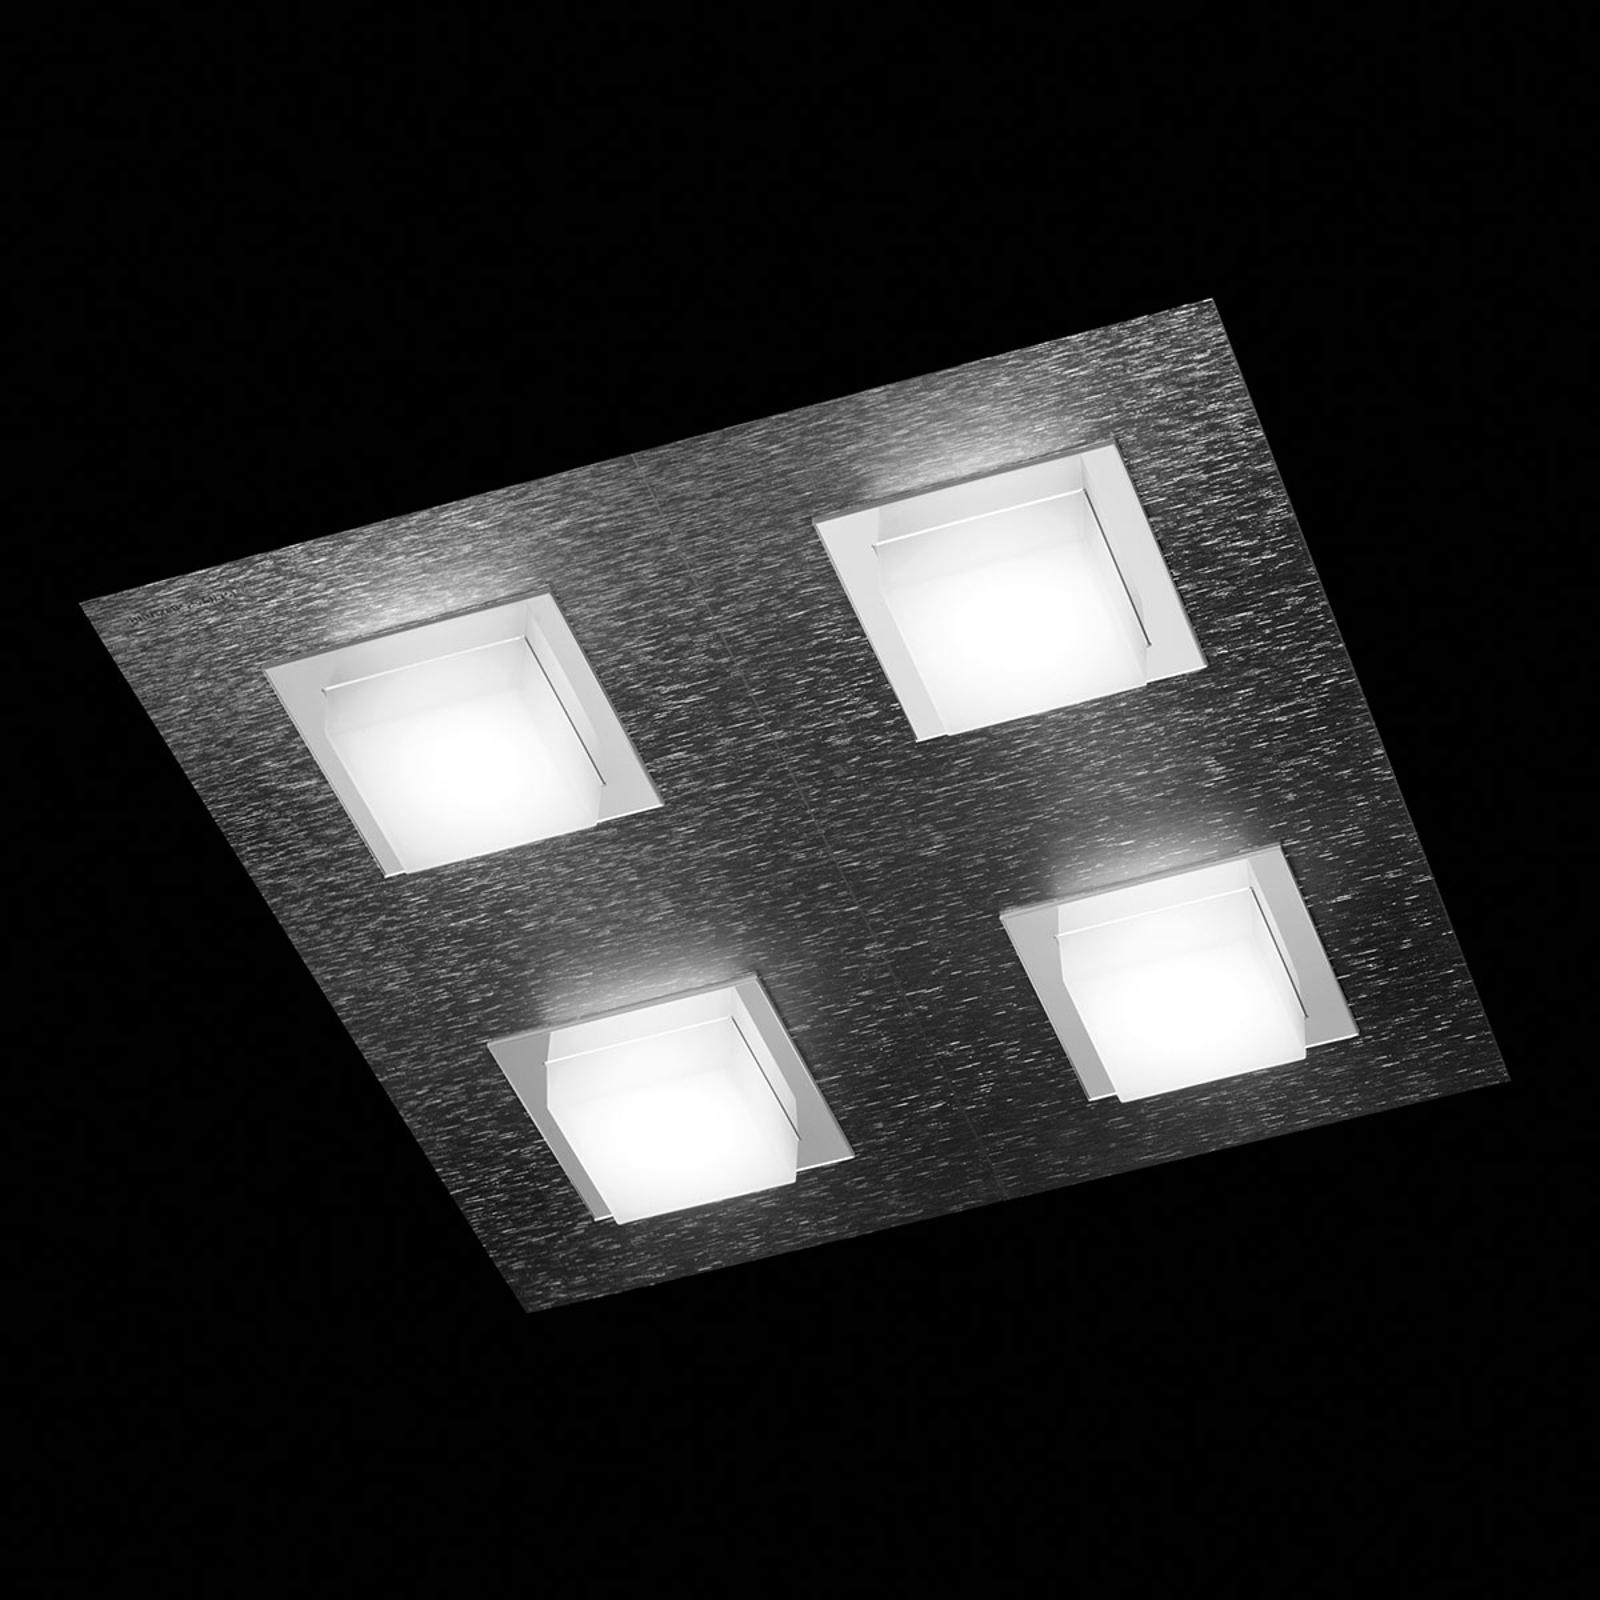 Produktové foto GROSSMANN GROSSMANN Basic LED stropní svítidlo 4zdr antracit